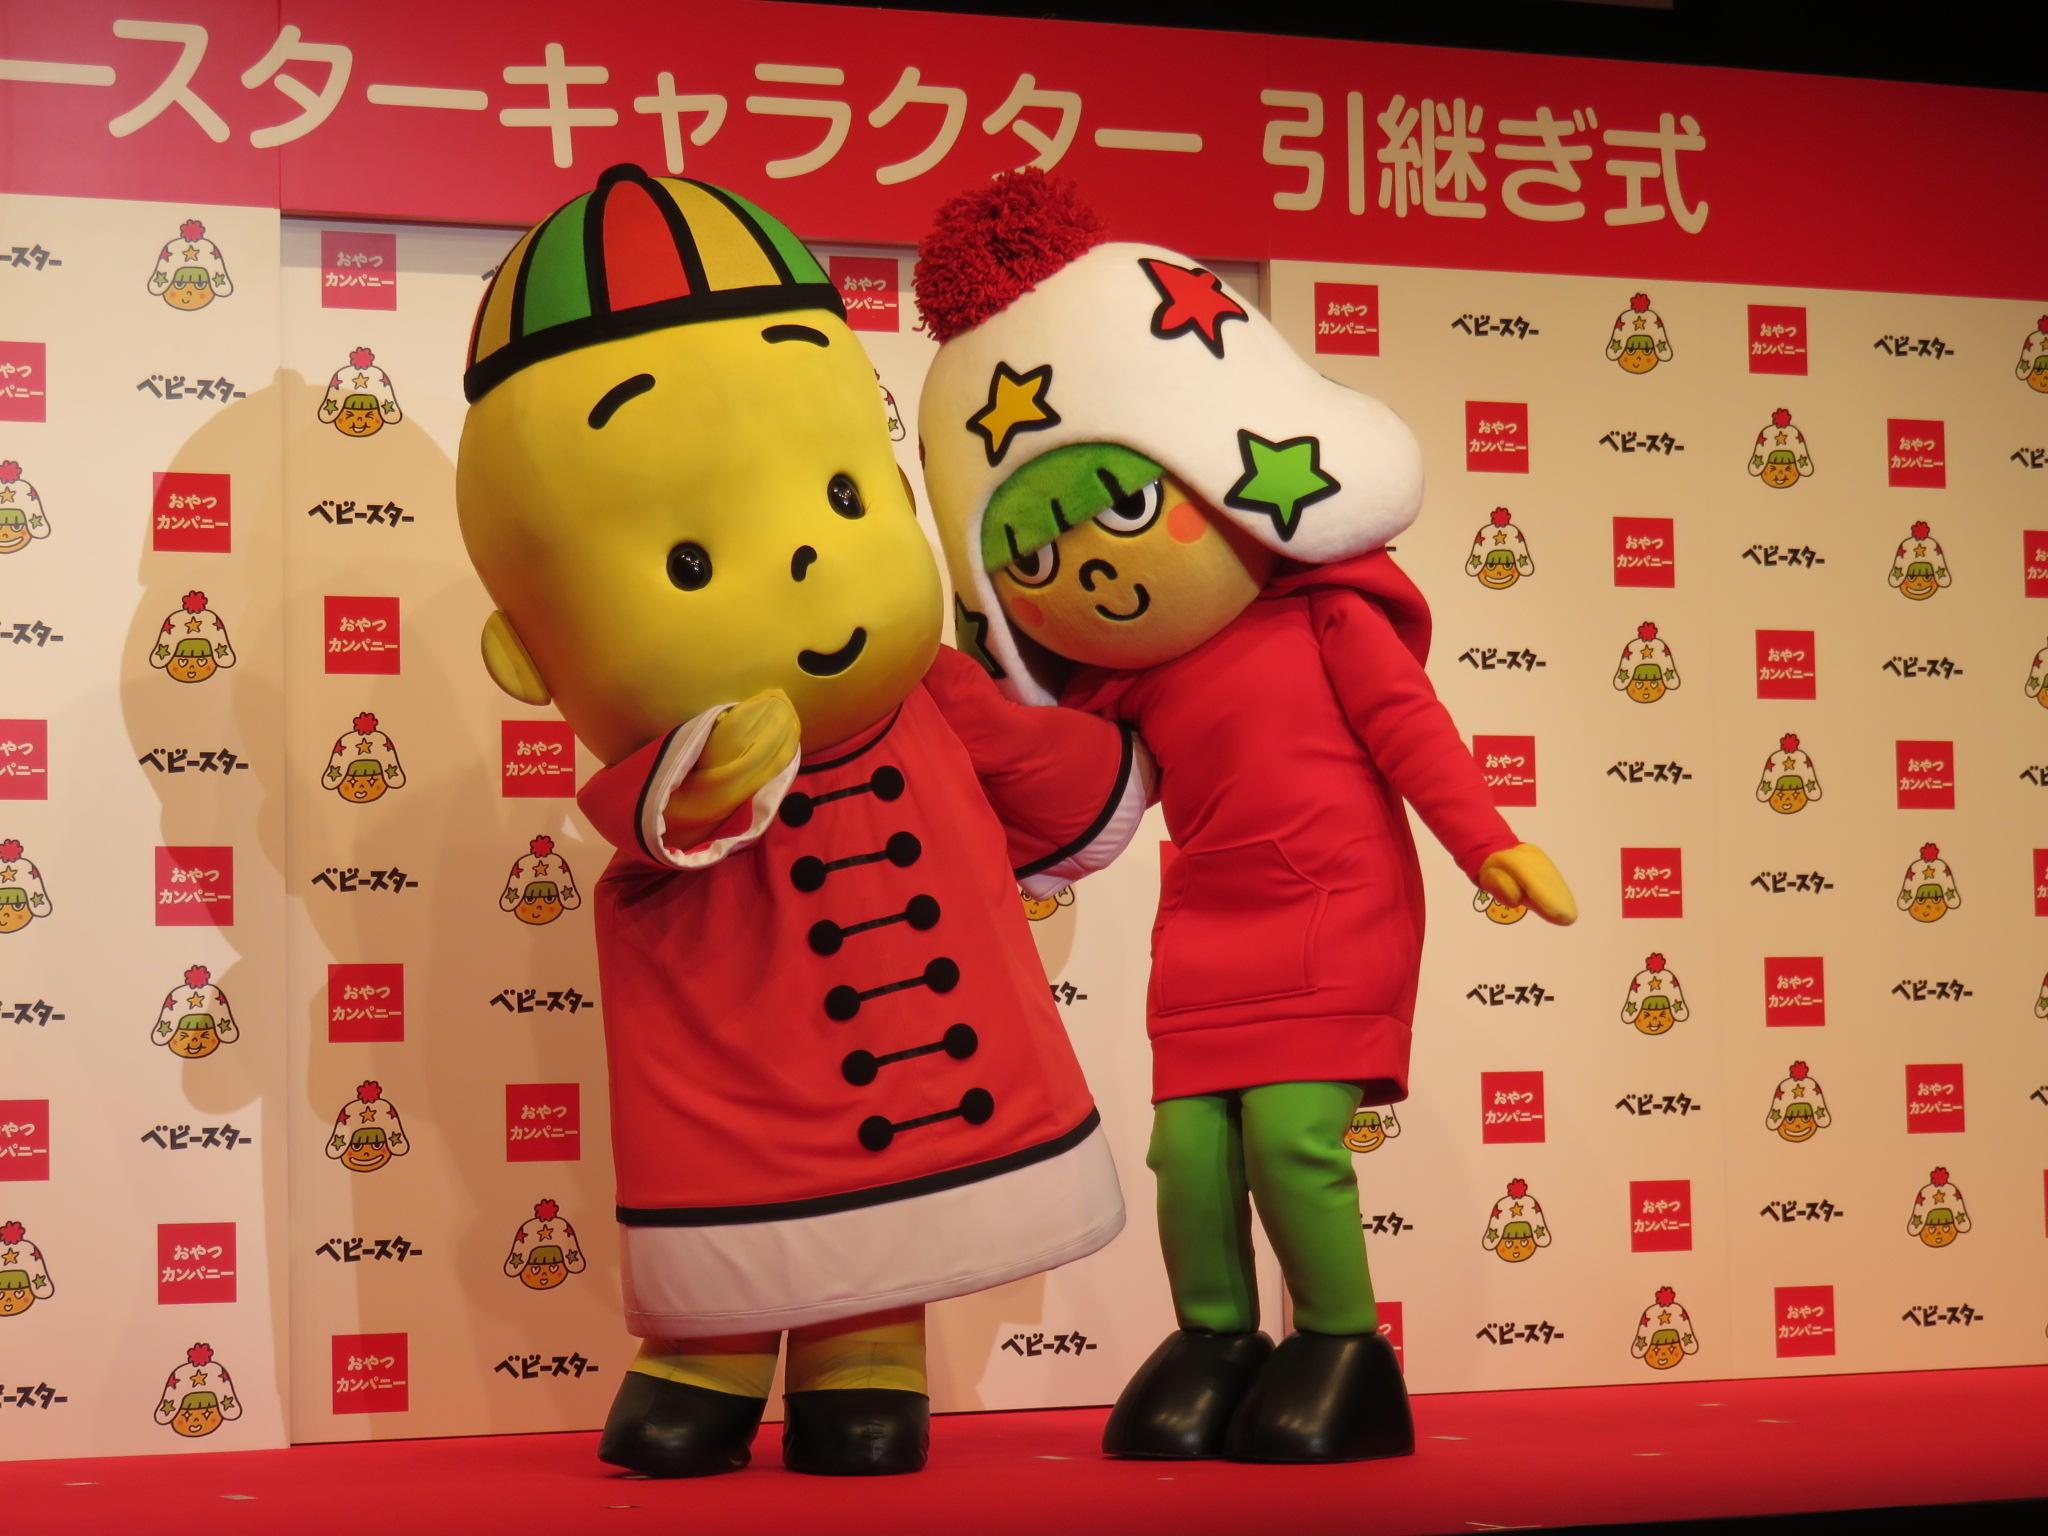 http://news.yoshimoto.co.jp/20170131185806-f47617c2f97282729354be331c62836f96141829.jpg